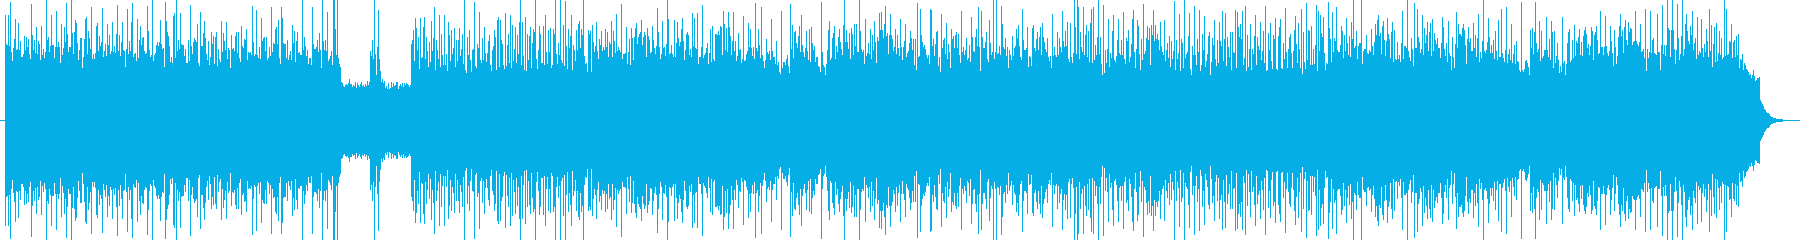 「HR/HM」「POWER」BGM229の再生済みの波形